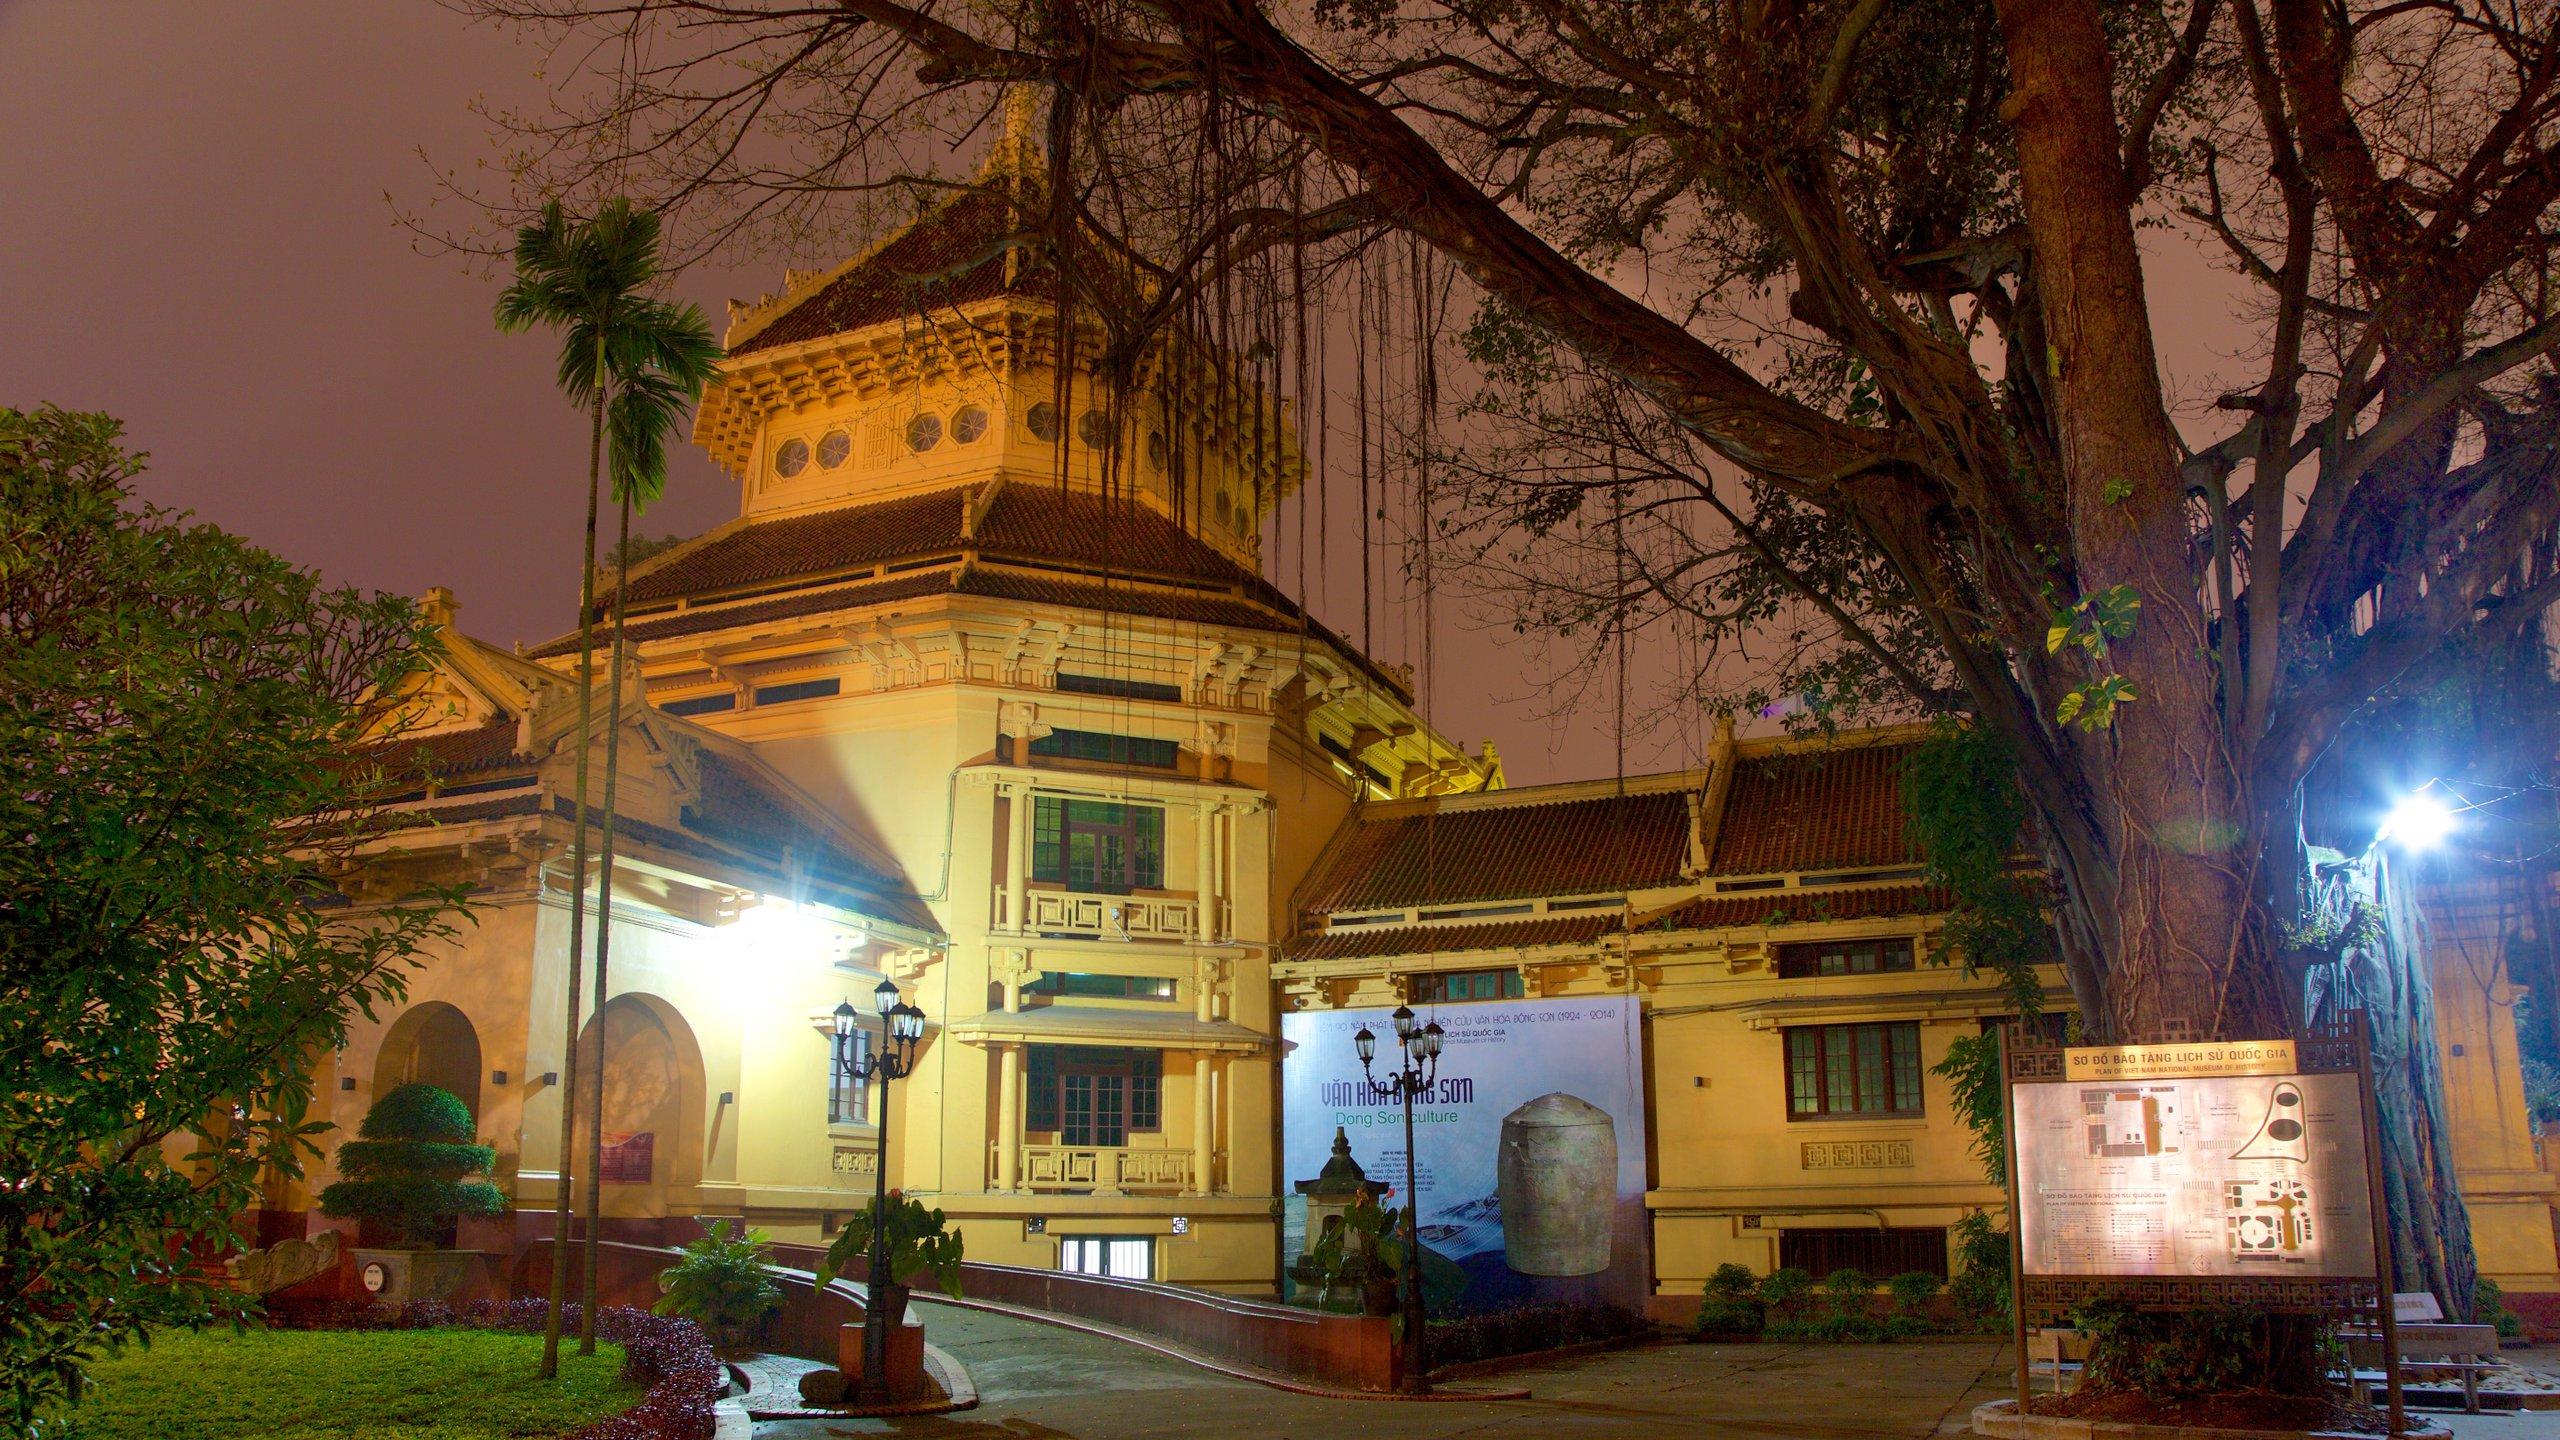 Nationaal Museum van de Vietnamese geschiedenis, Hanoi, Vietnam